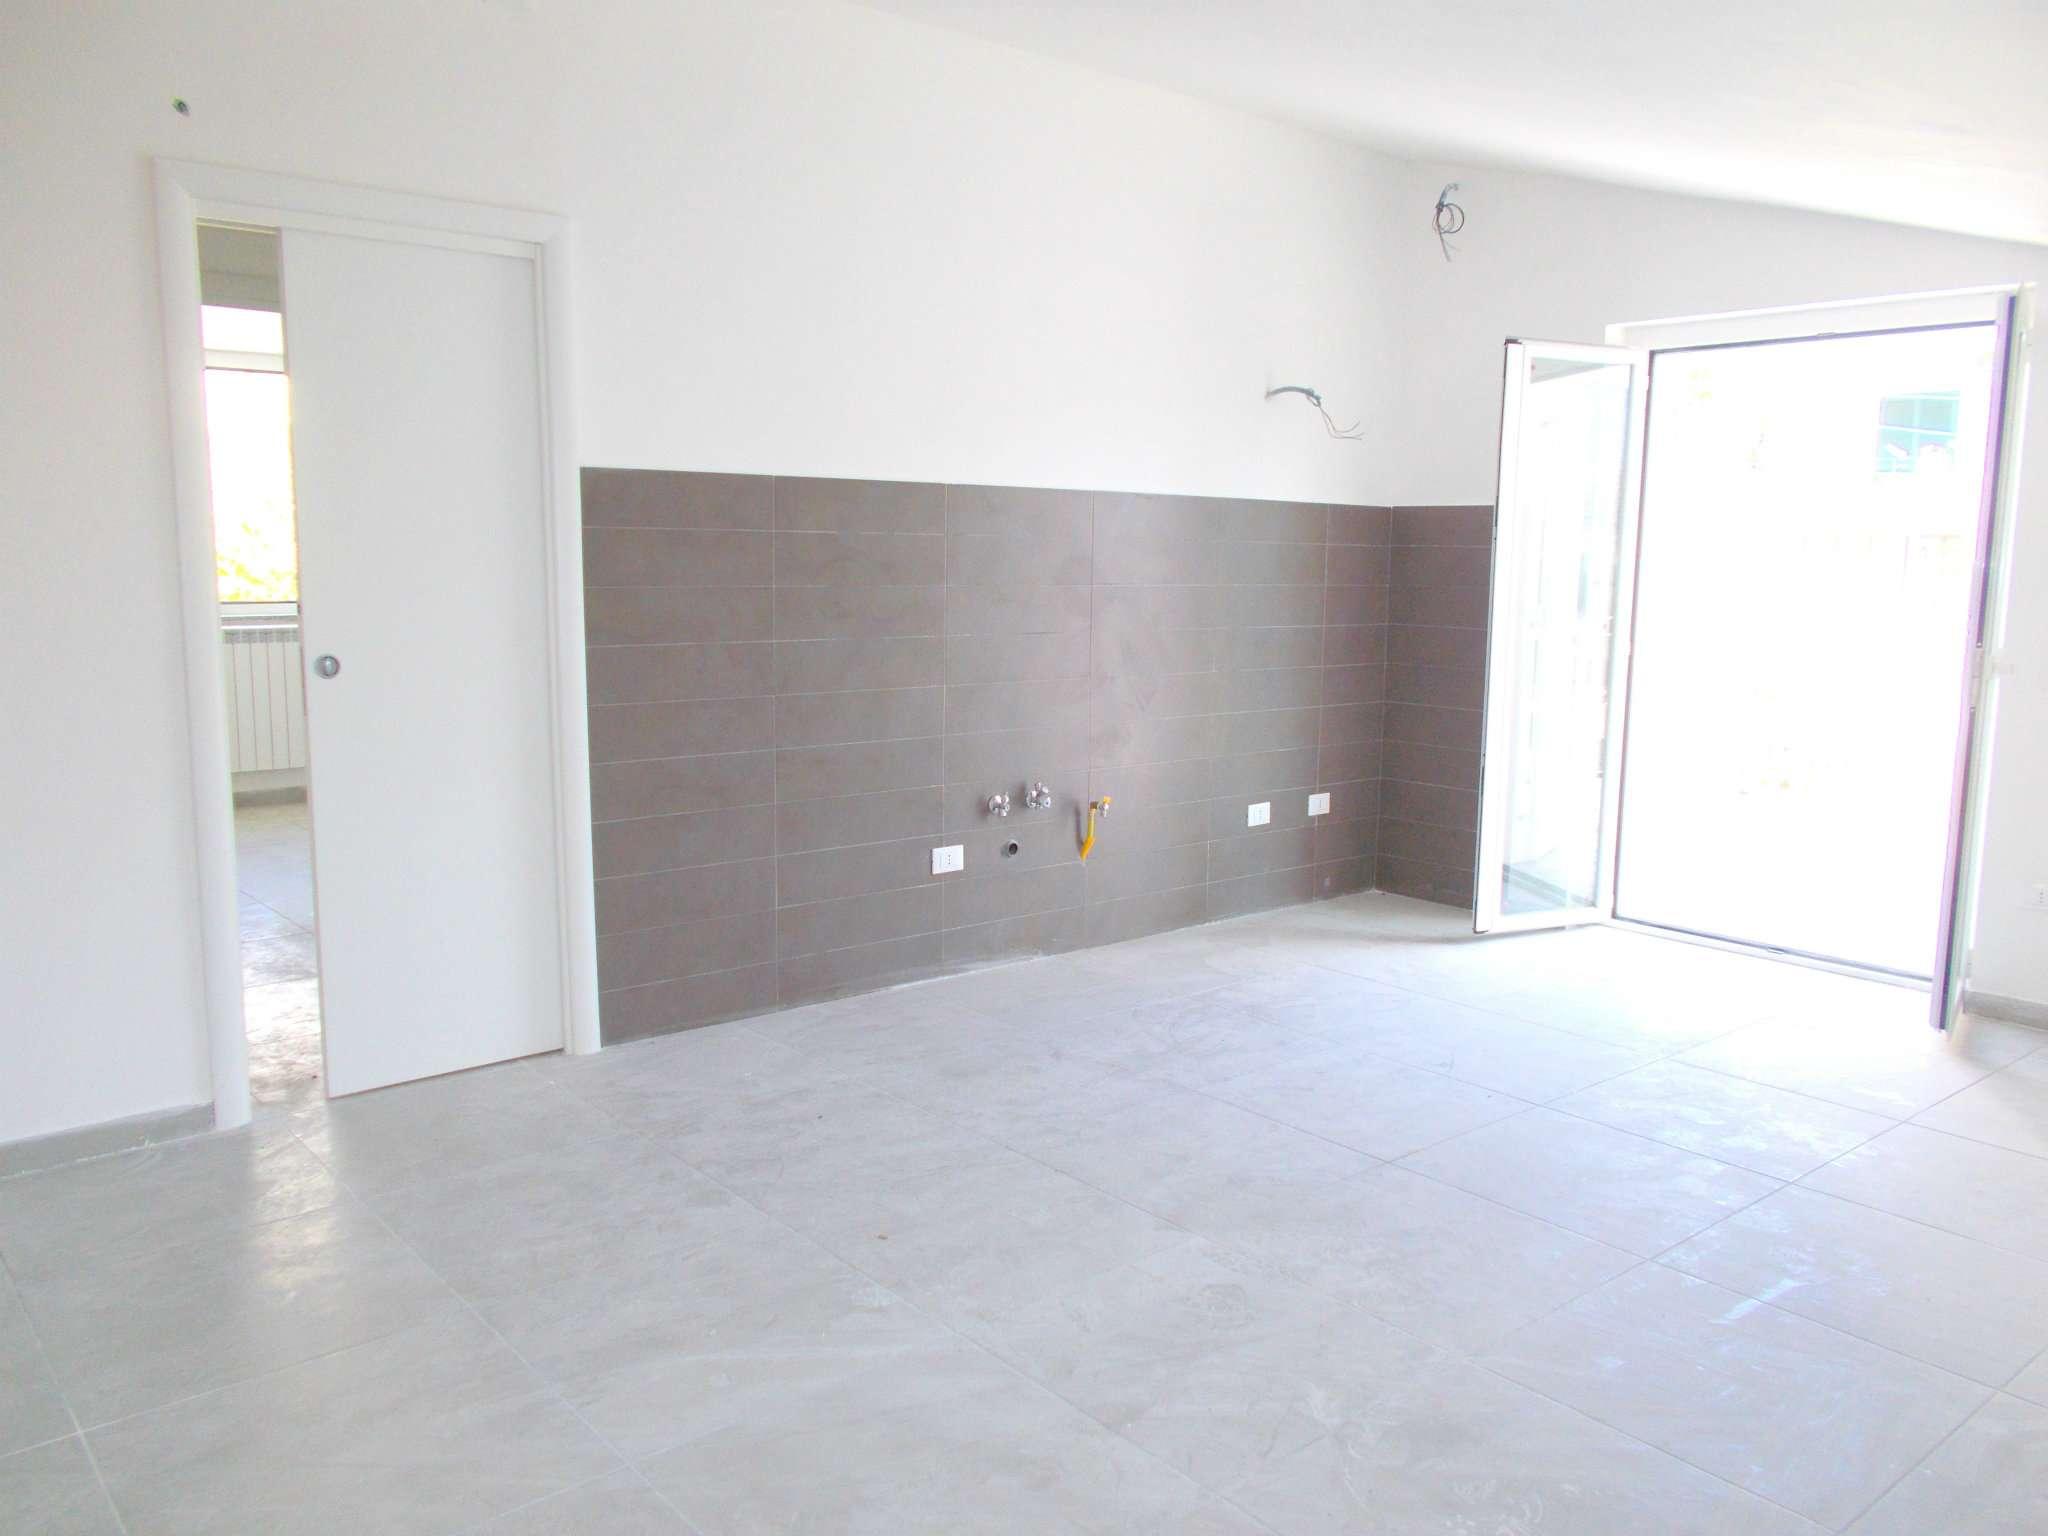 Appartamento in vendita a Santa Maria a Vico, 5 locali, prezzo € 175.000 | PortaleAgenzieImmobiliari.it